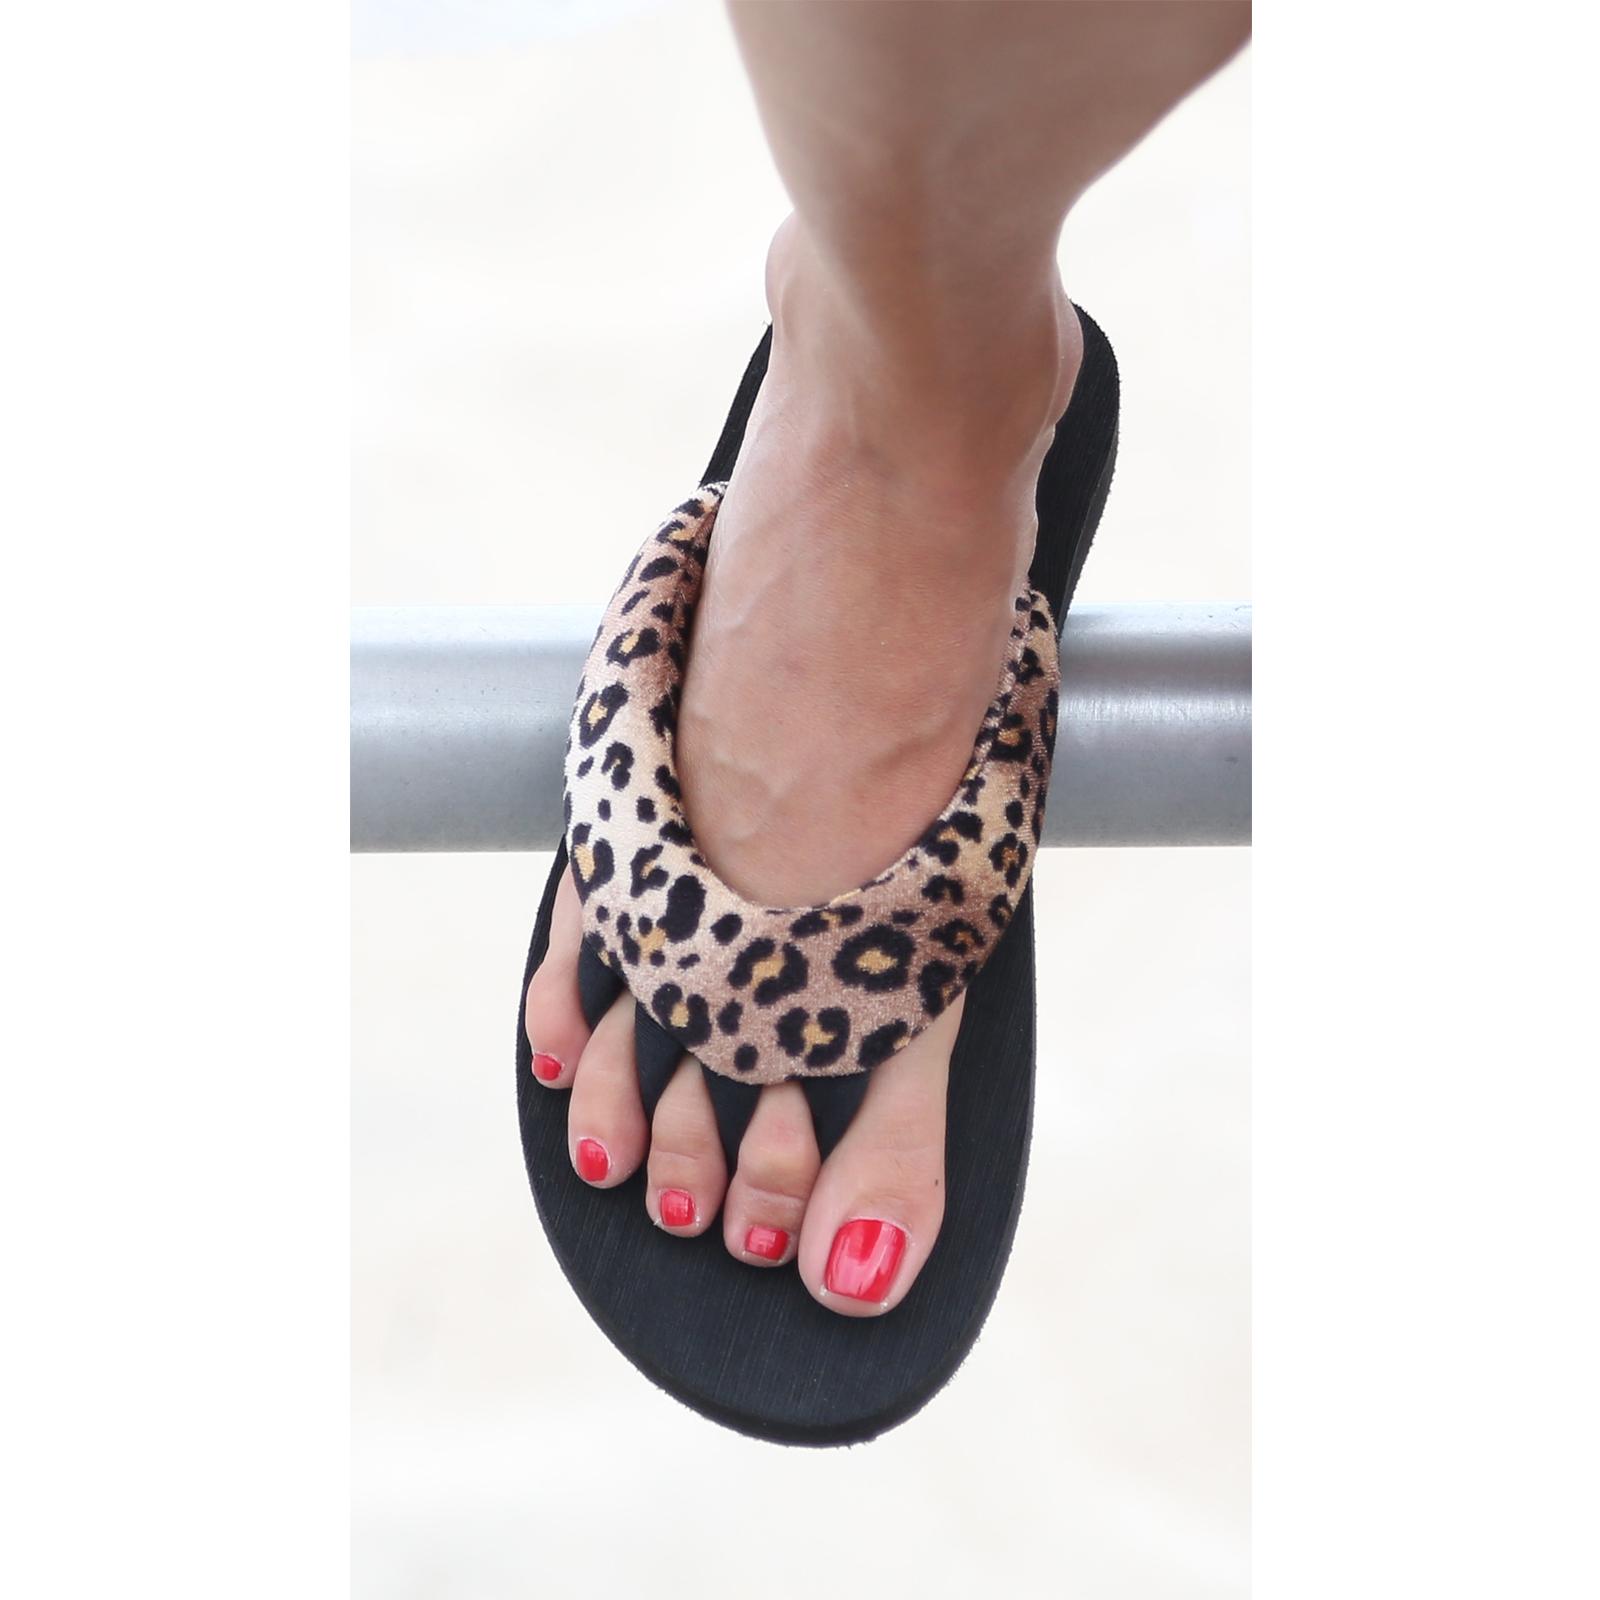 PEDI COUTURE NEW Women's Wild Pedicure Spa Toe Separator ...